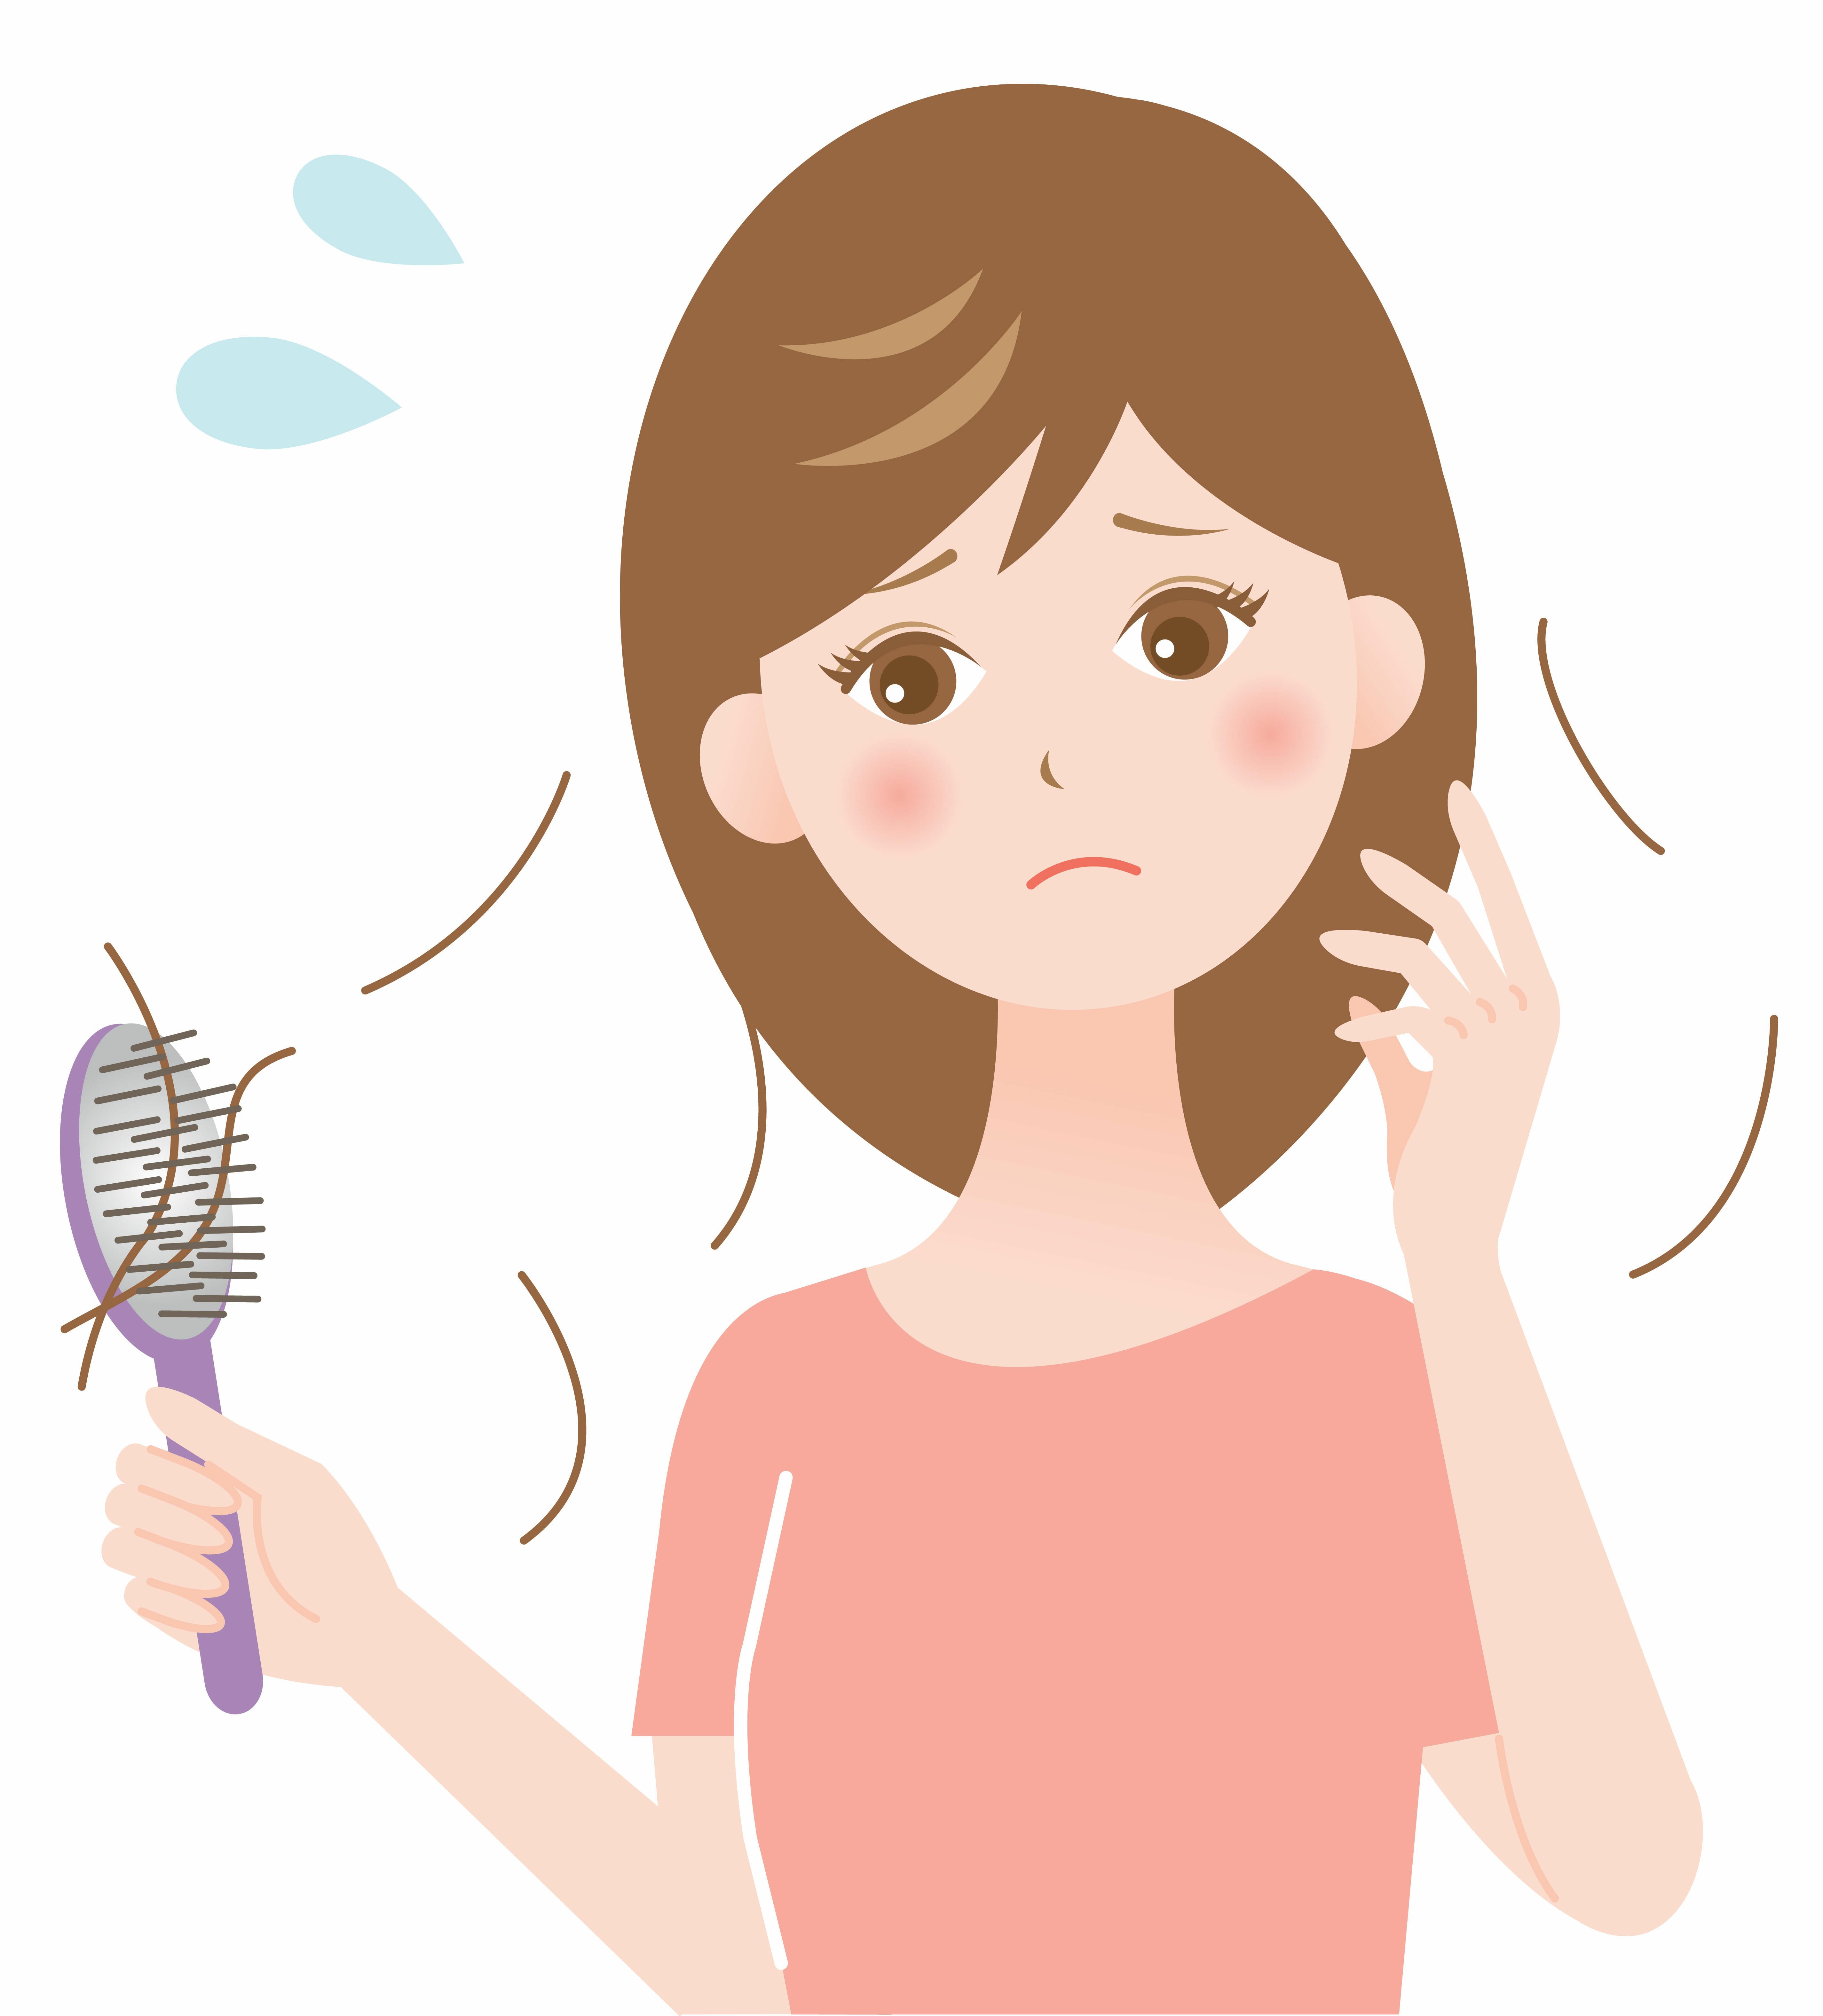 Na rysunku przedstawiona jest smutna kobieta, której podczas szczotkowania wypadają włosy